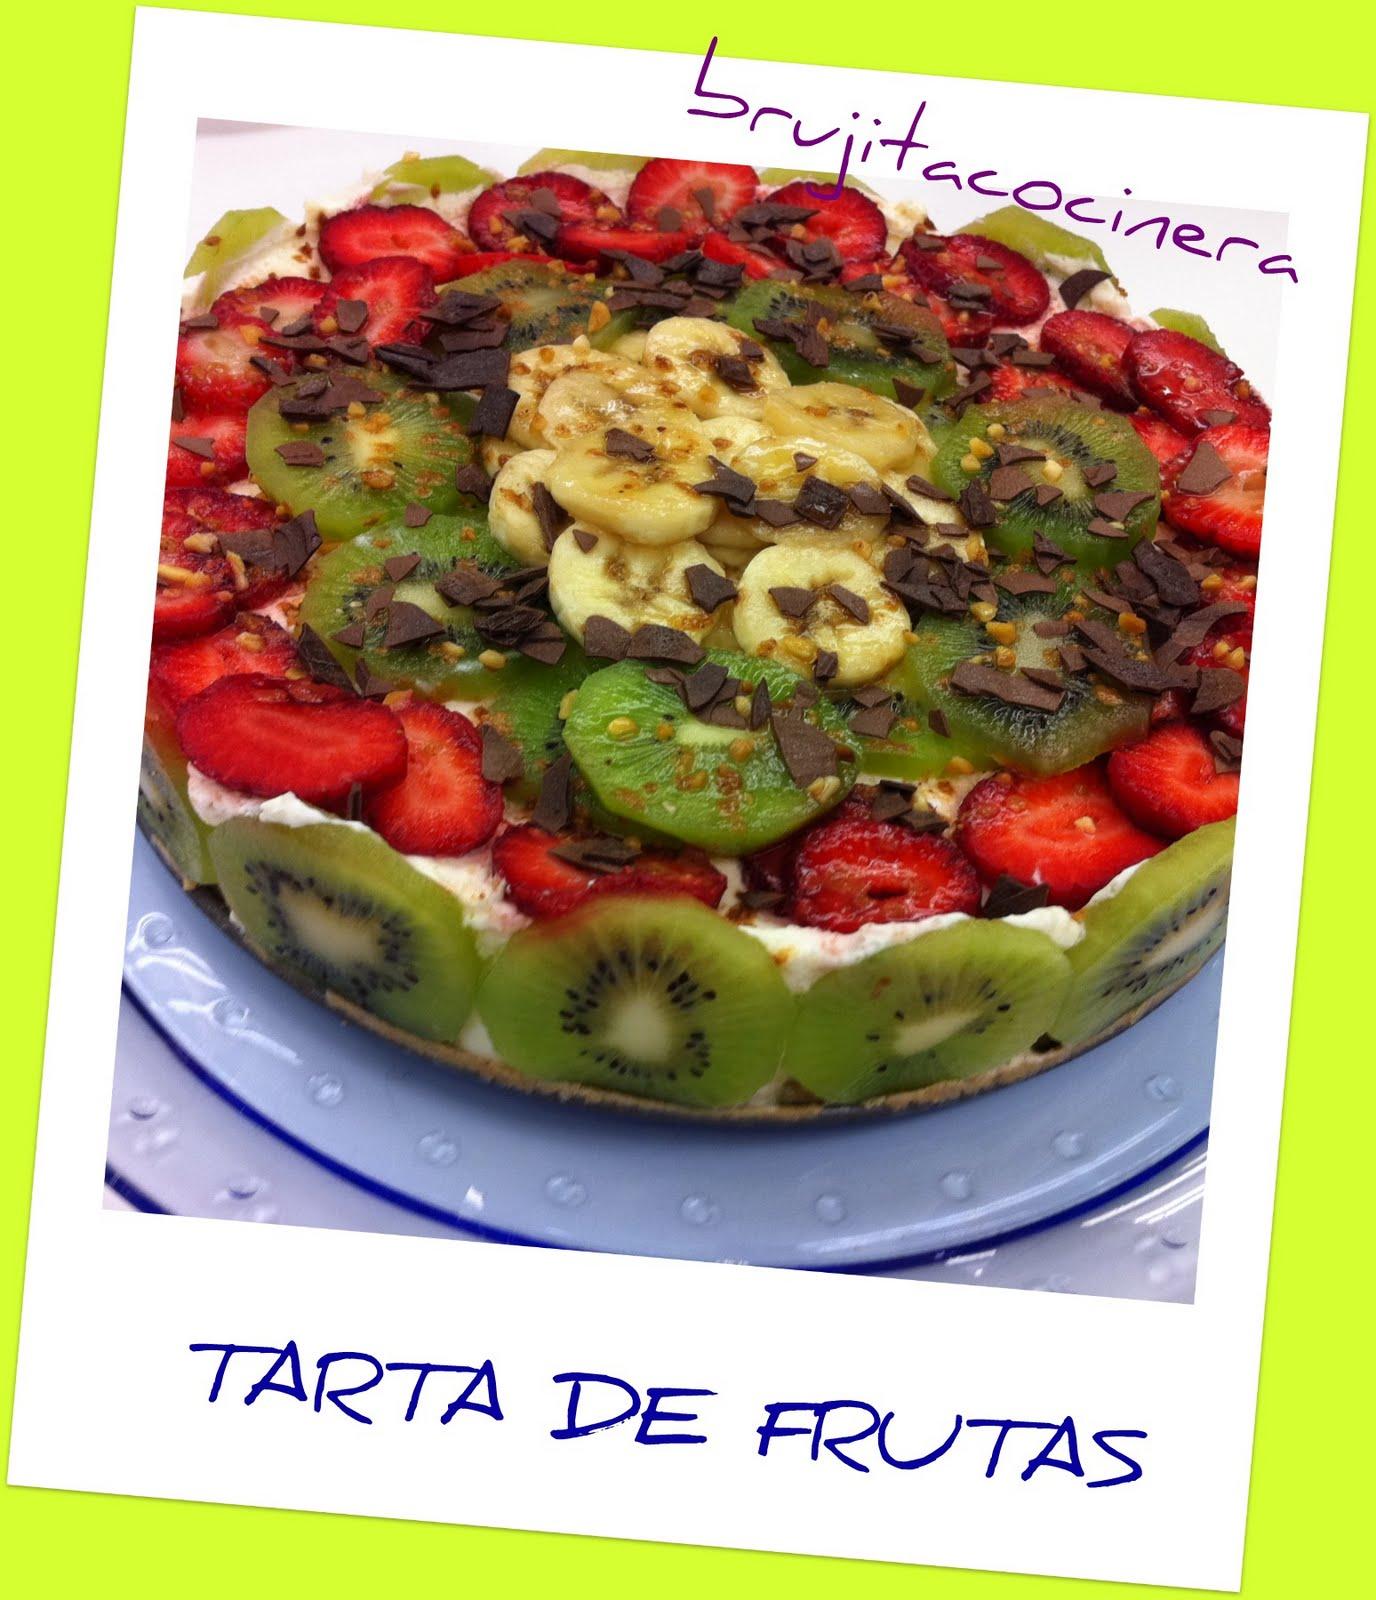 L l brujitacocinera l l recetas con thermomix postre expres con frutas naturales - Postres con fresas naturales ...